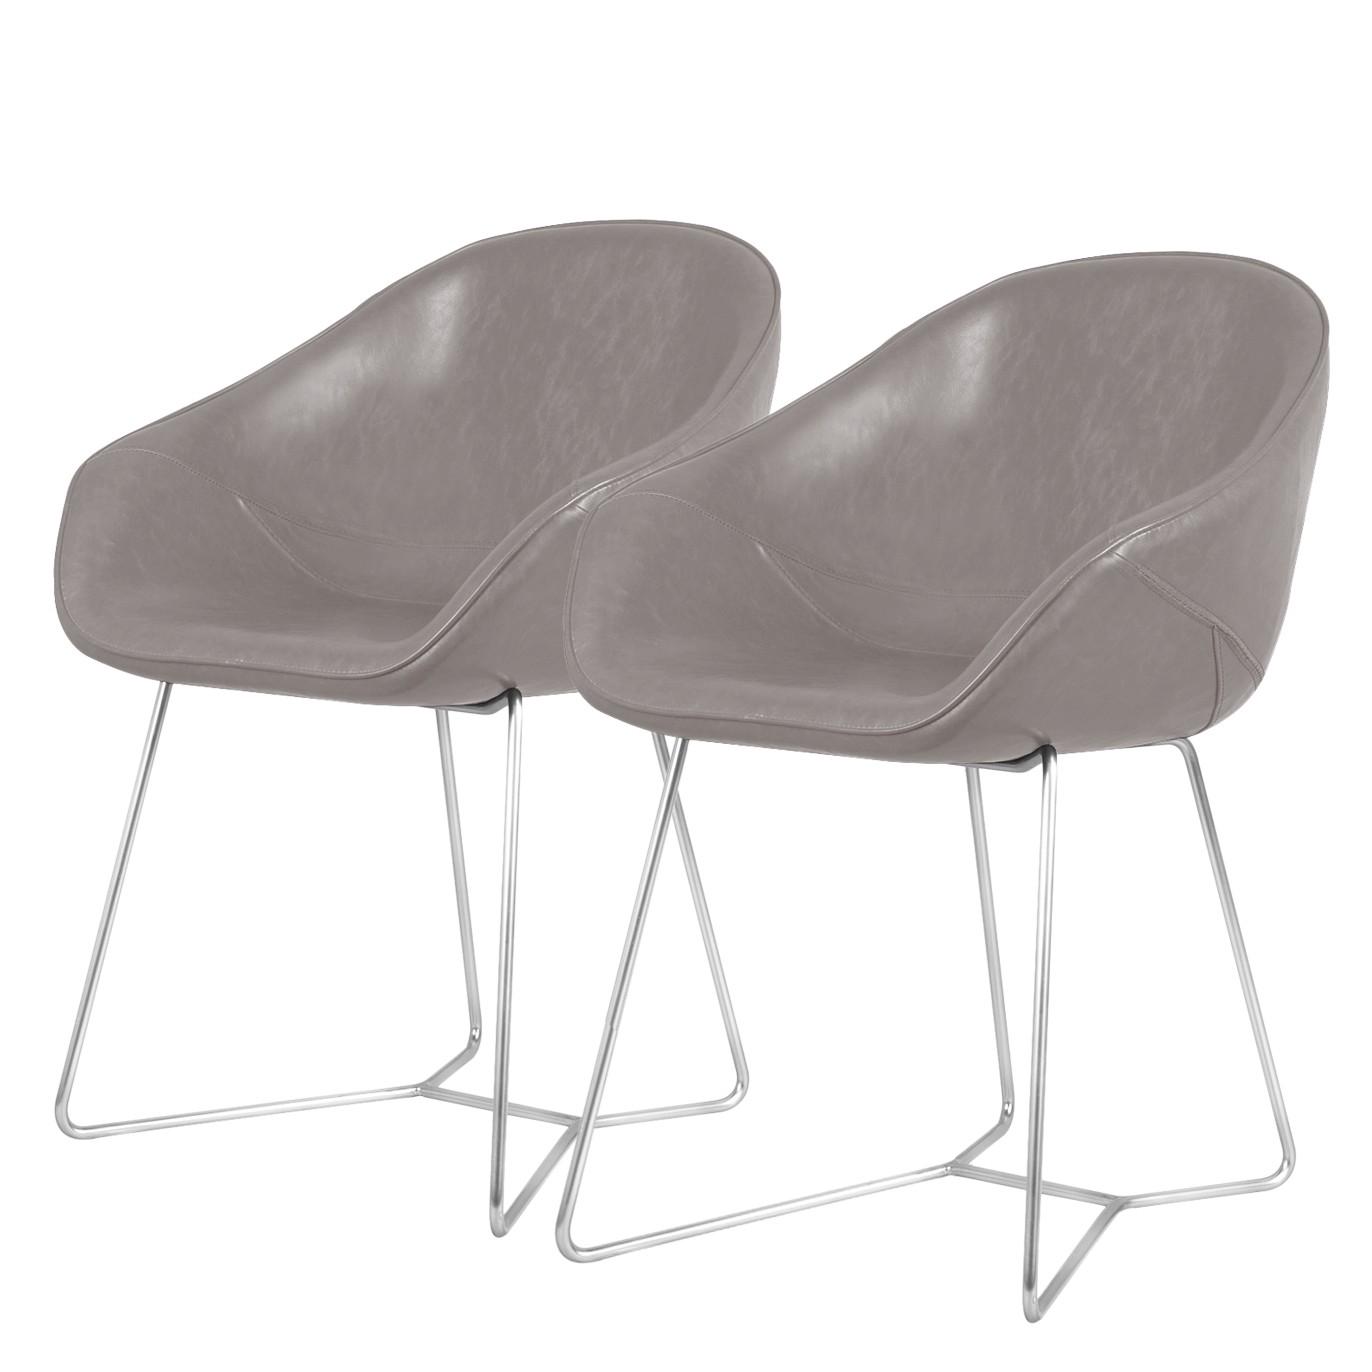 Armlehnenstuhl reSTOL II (2er-Set) | Küche und Esszimmer > Stühle und Hocker > Armlehnstühle | Grau | Kunstleder | Studio Copenhagen